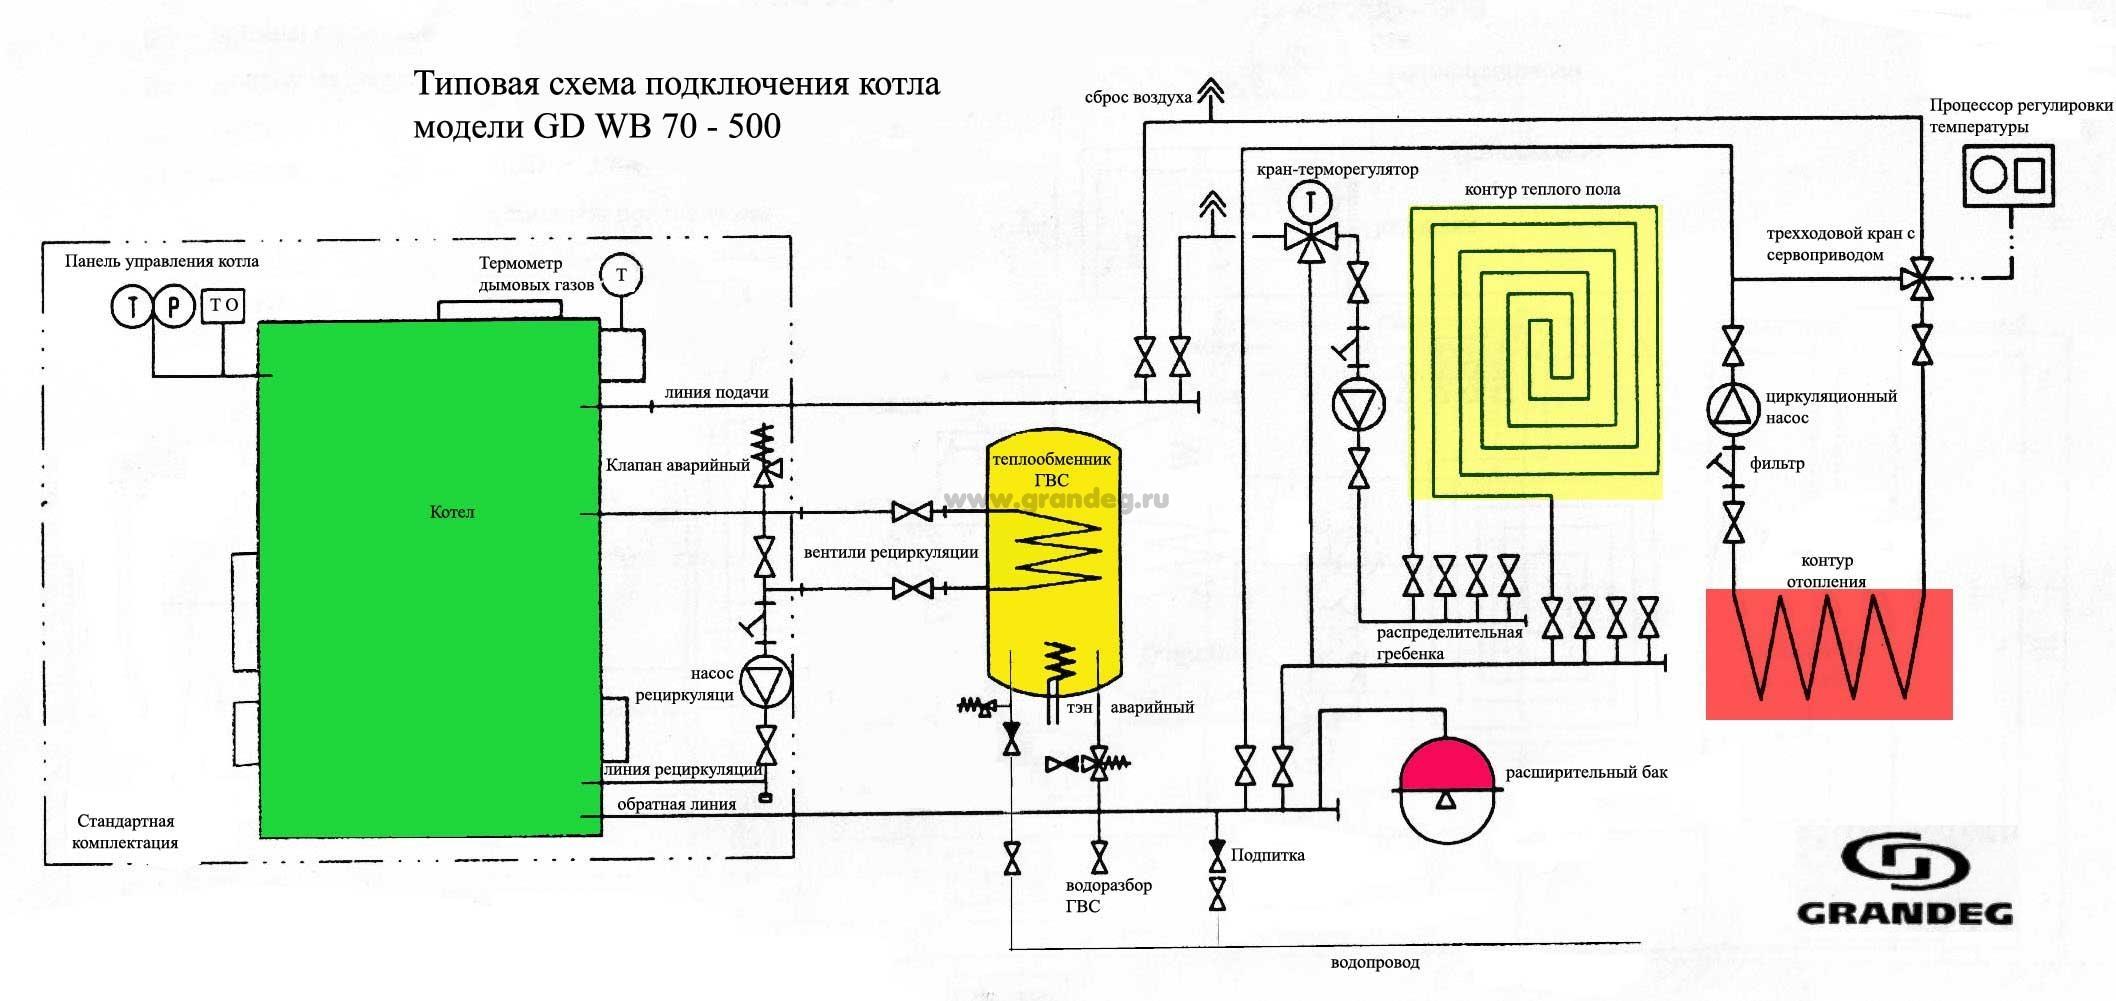 для увеличения кликните по картинке).  Типовая схема подключения котла.  70-500 кВт.